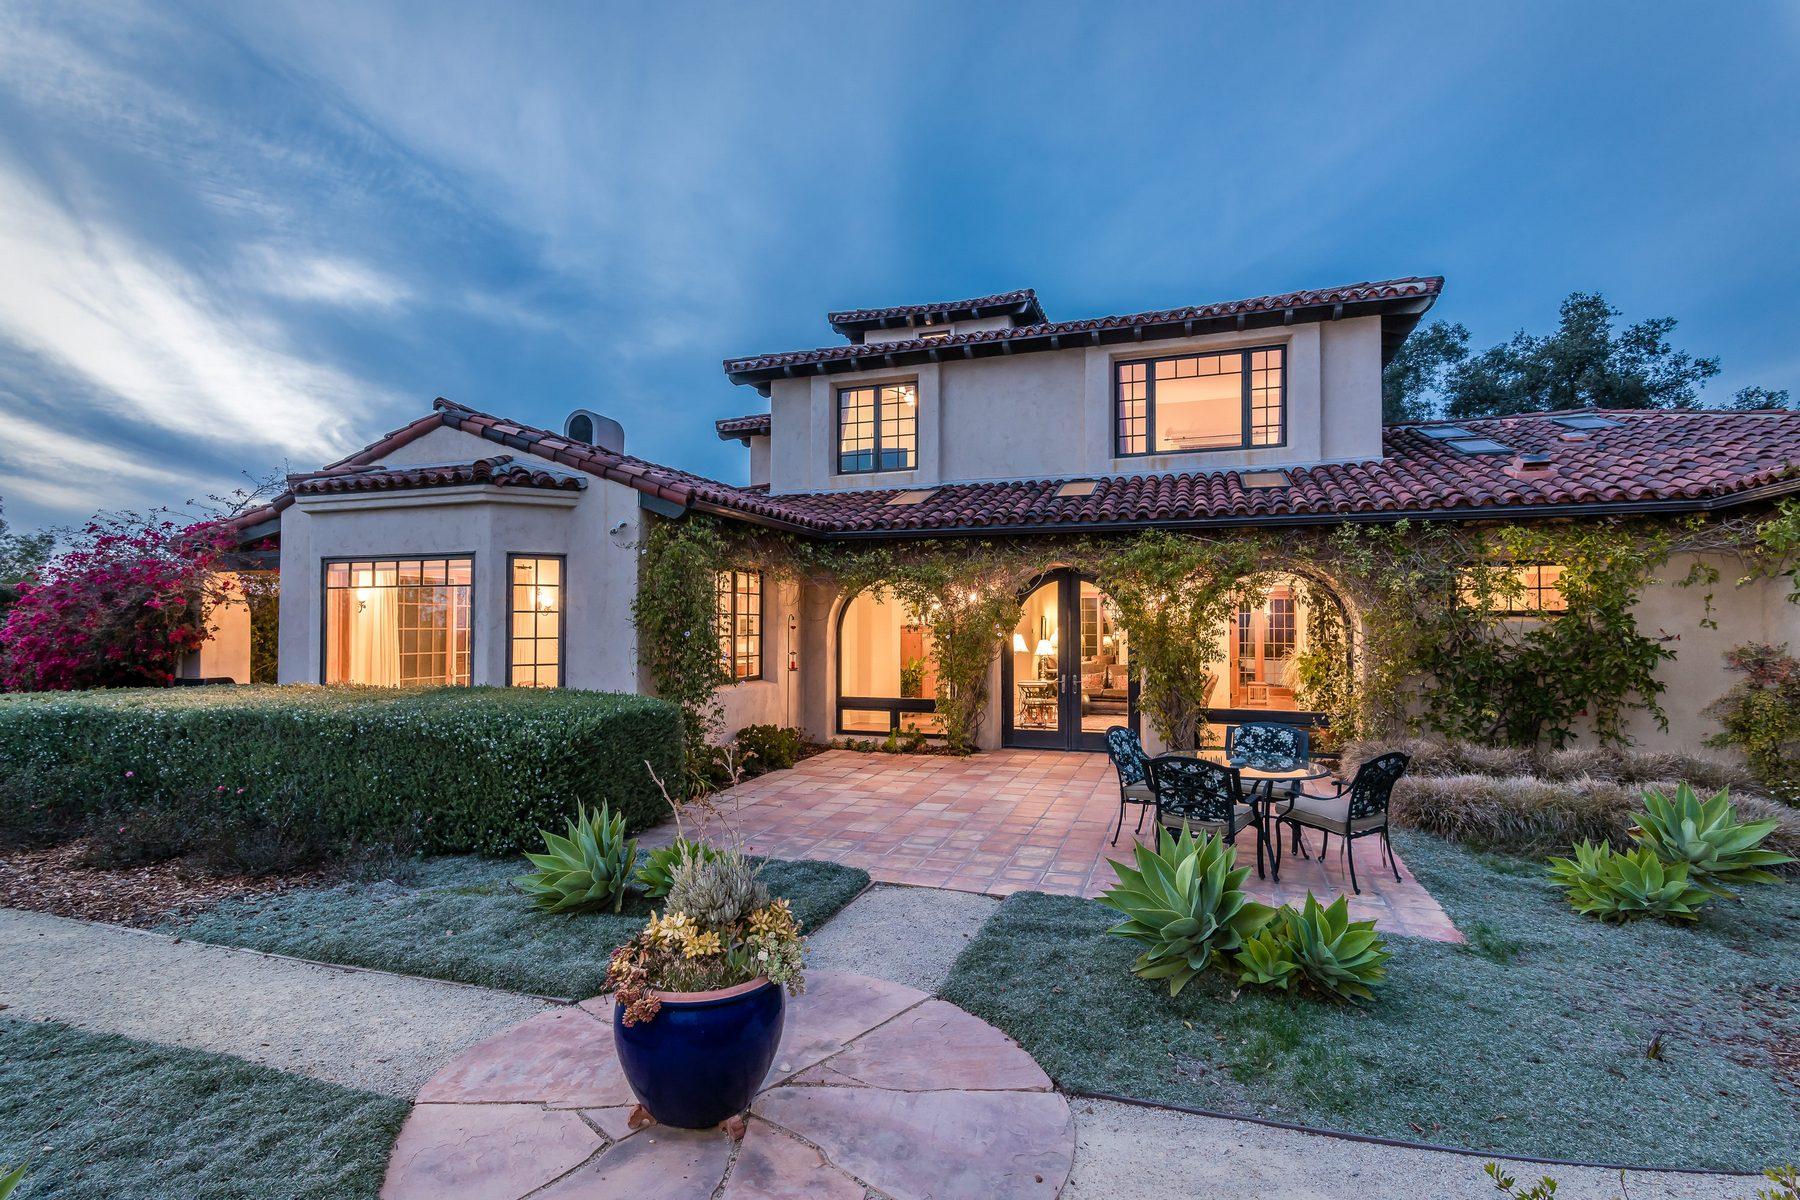 단독 가정 주택 용 매매 에 Custom Hilltop Villa 896 Via Casa Vista, Arroyo Grande, 캘리포니아, 93420 미국